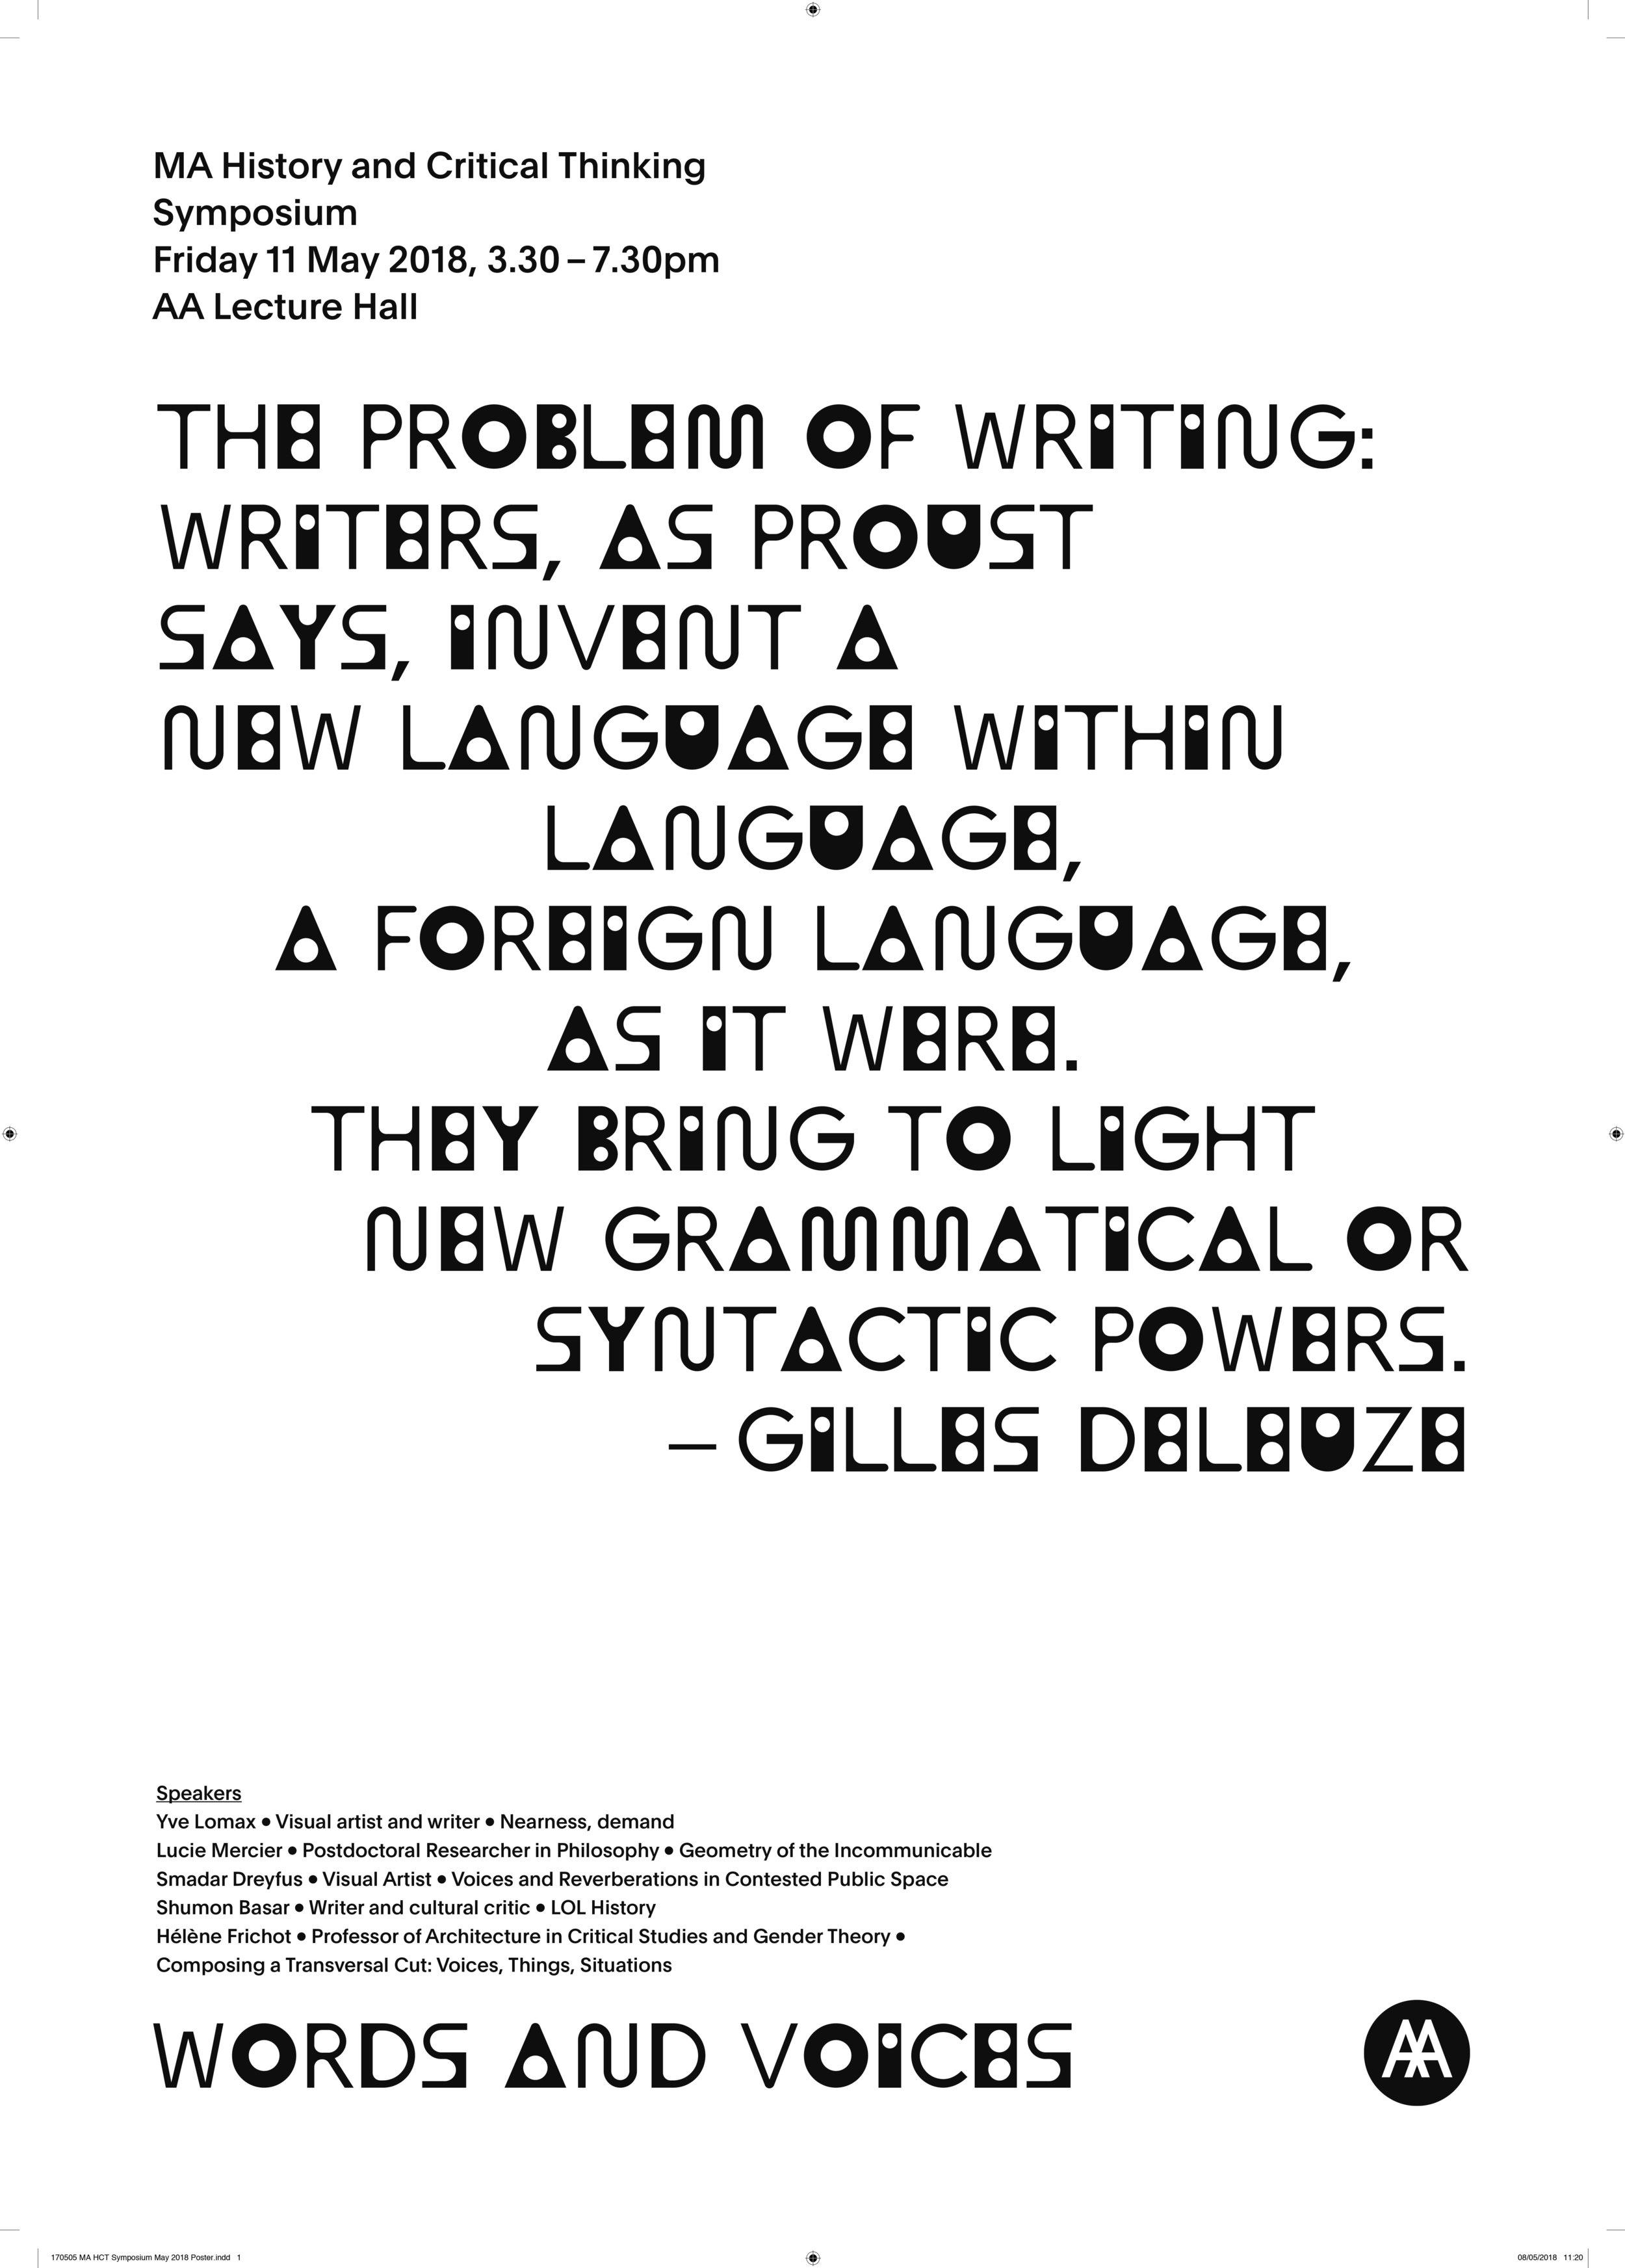 MA HCT Symposium May 2018 Poster.jpg